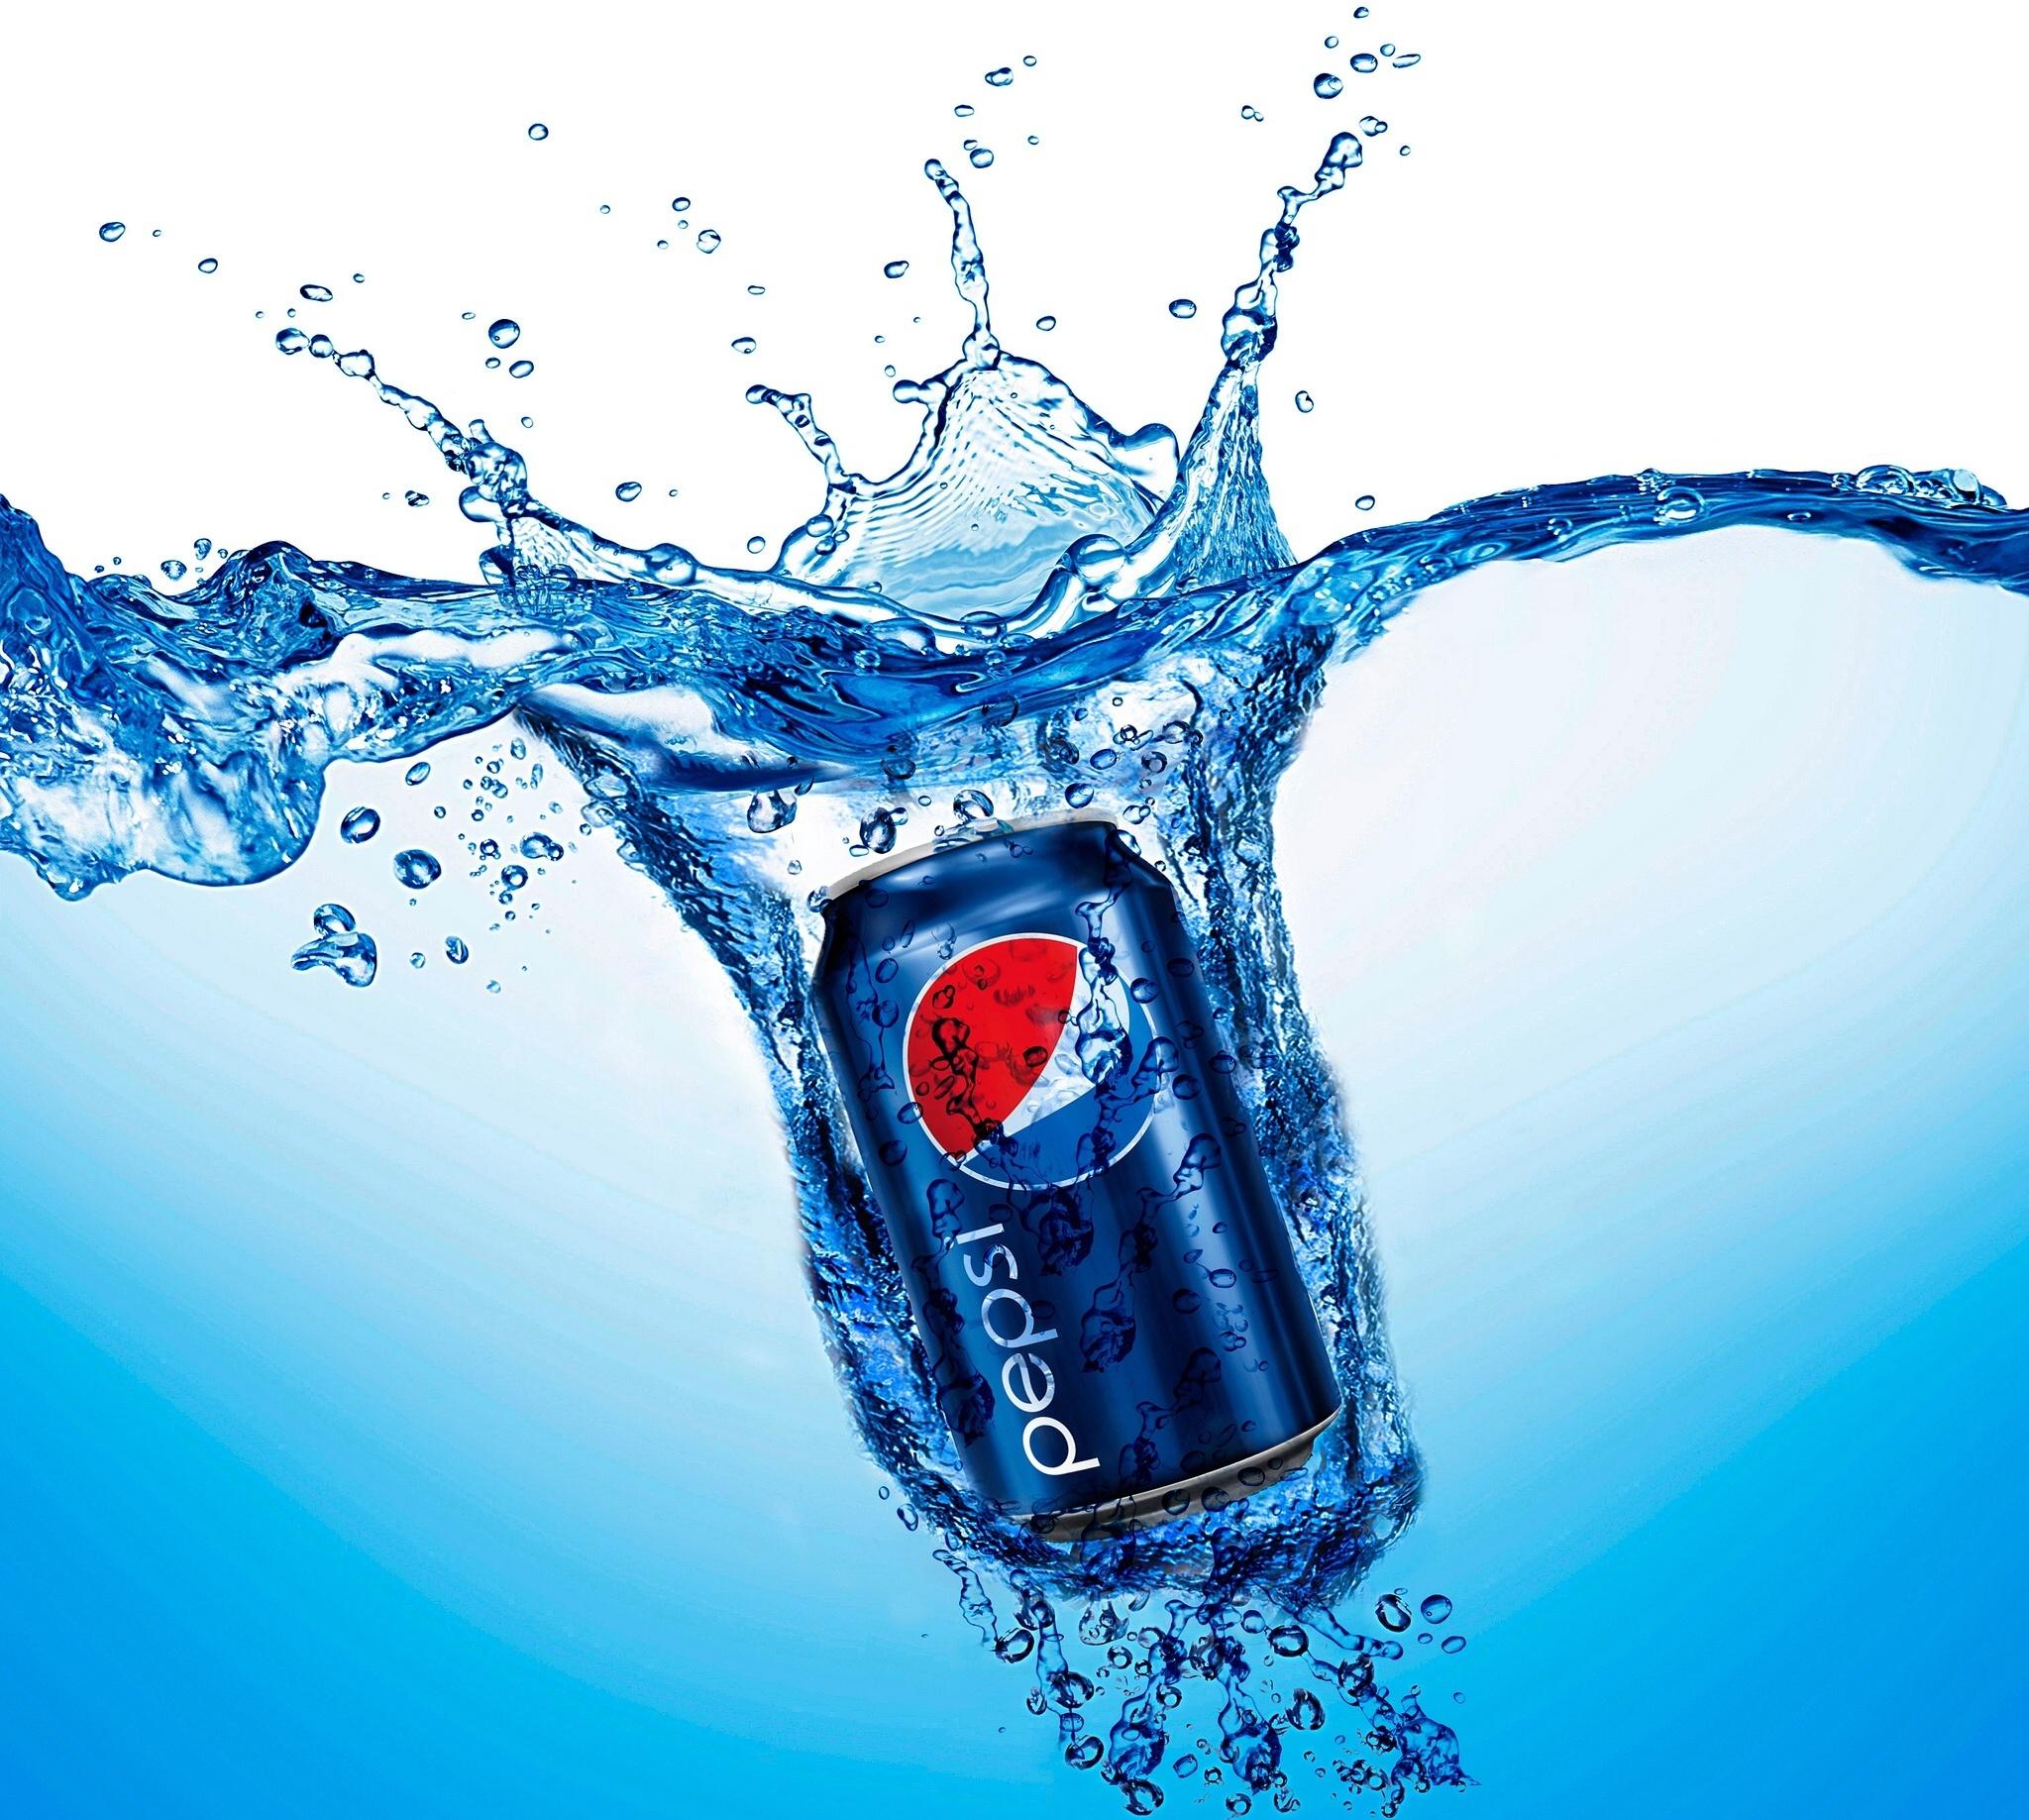 20301 Заставки и Обои Бренды на телефон. Скачать Бренды, Пепси (Pepsi), Напитки, Вода картинки бесплатно